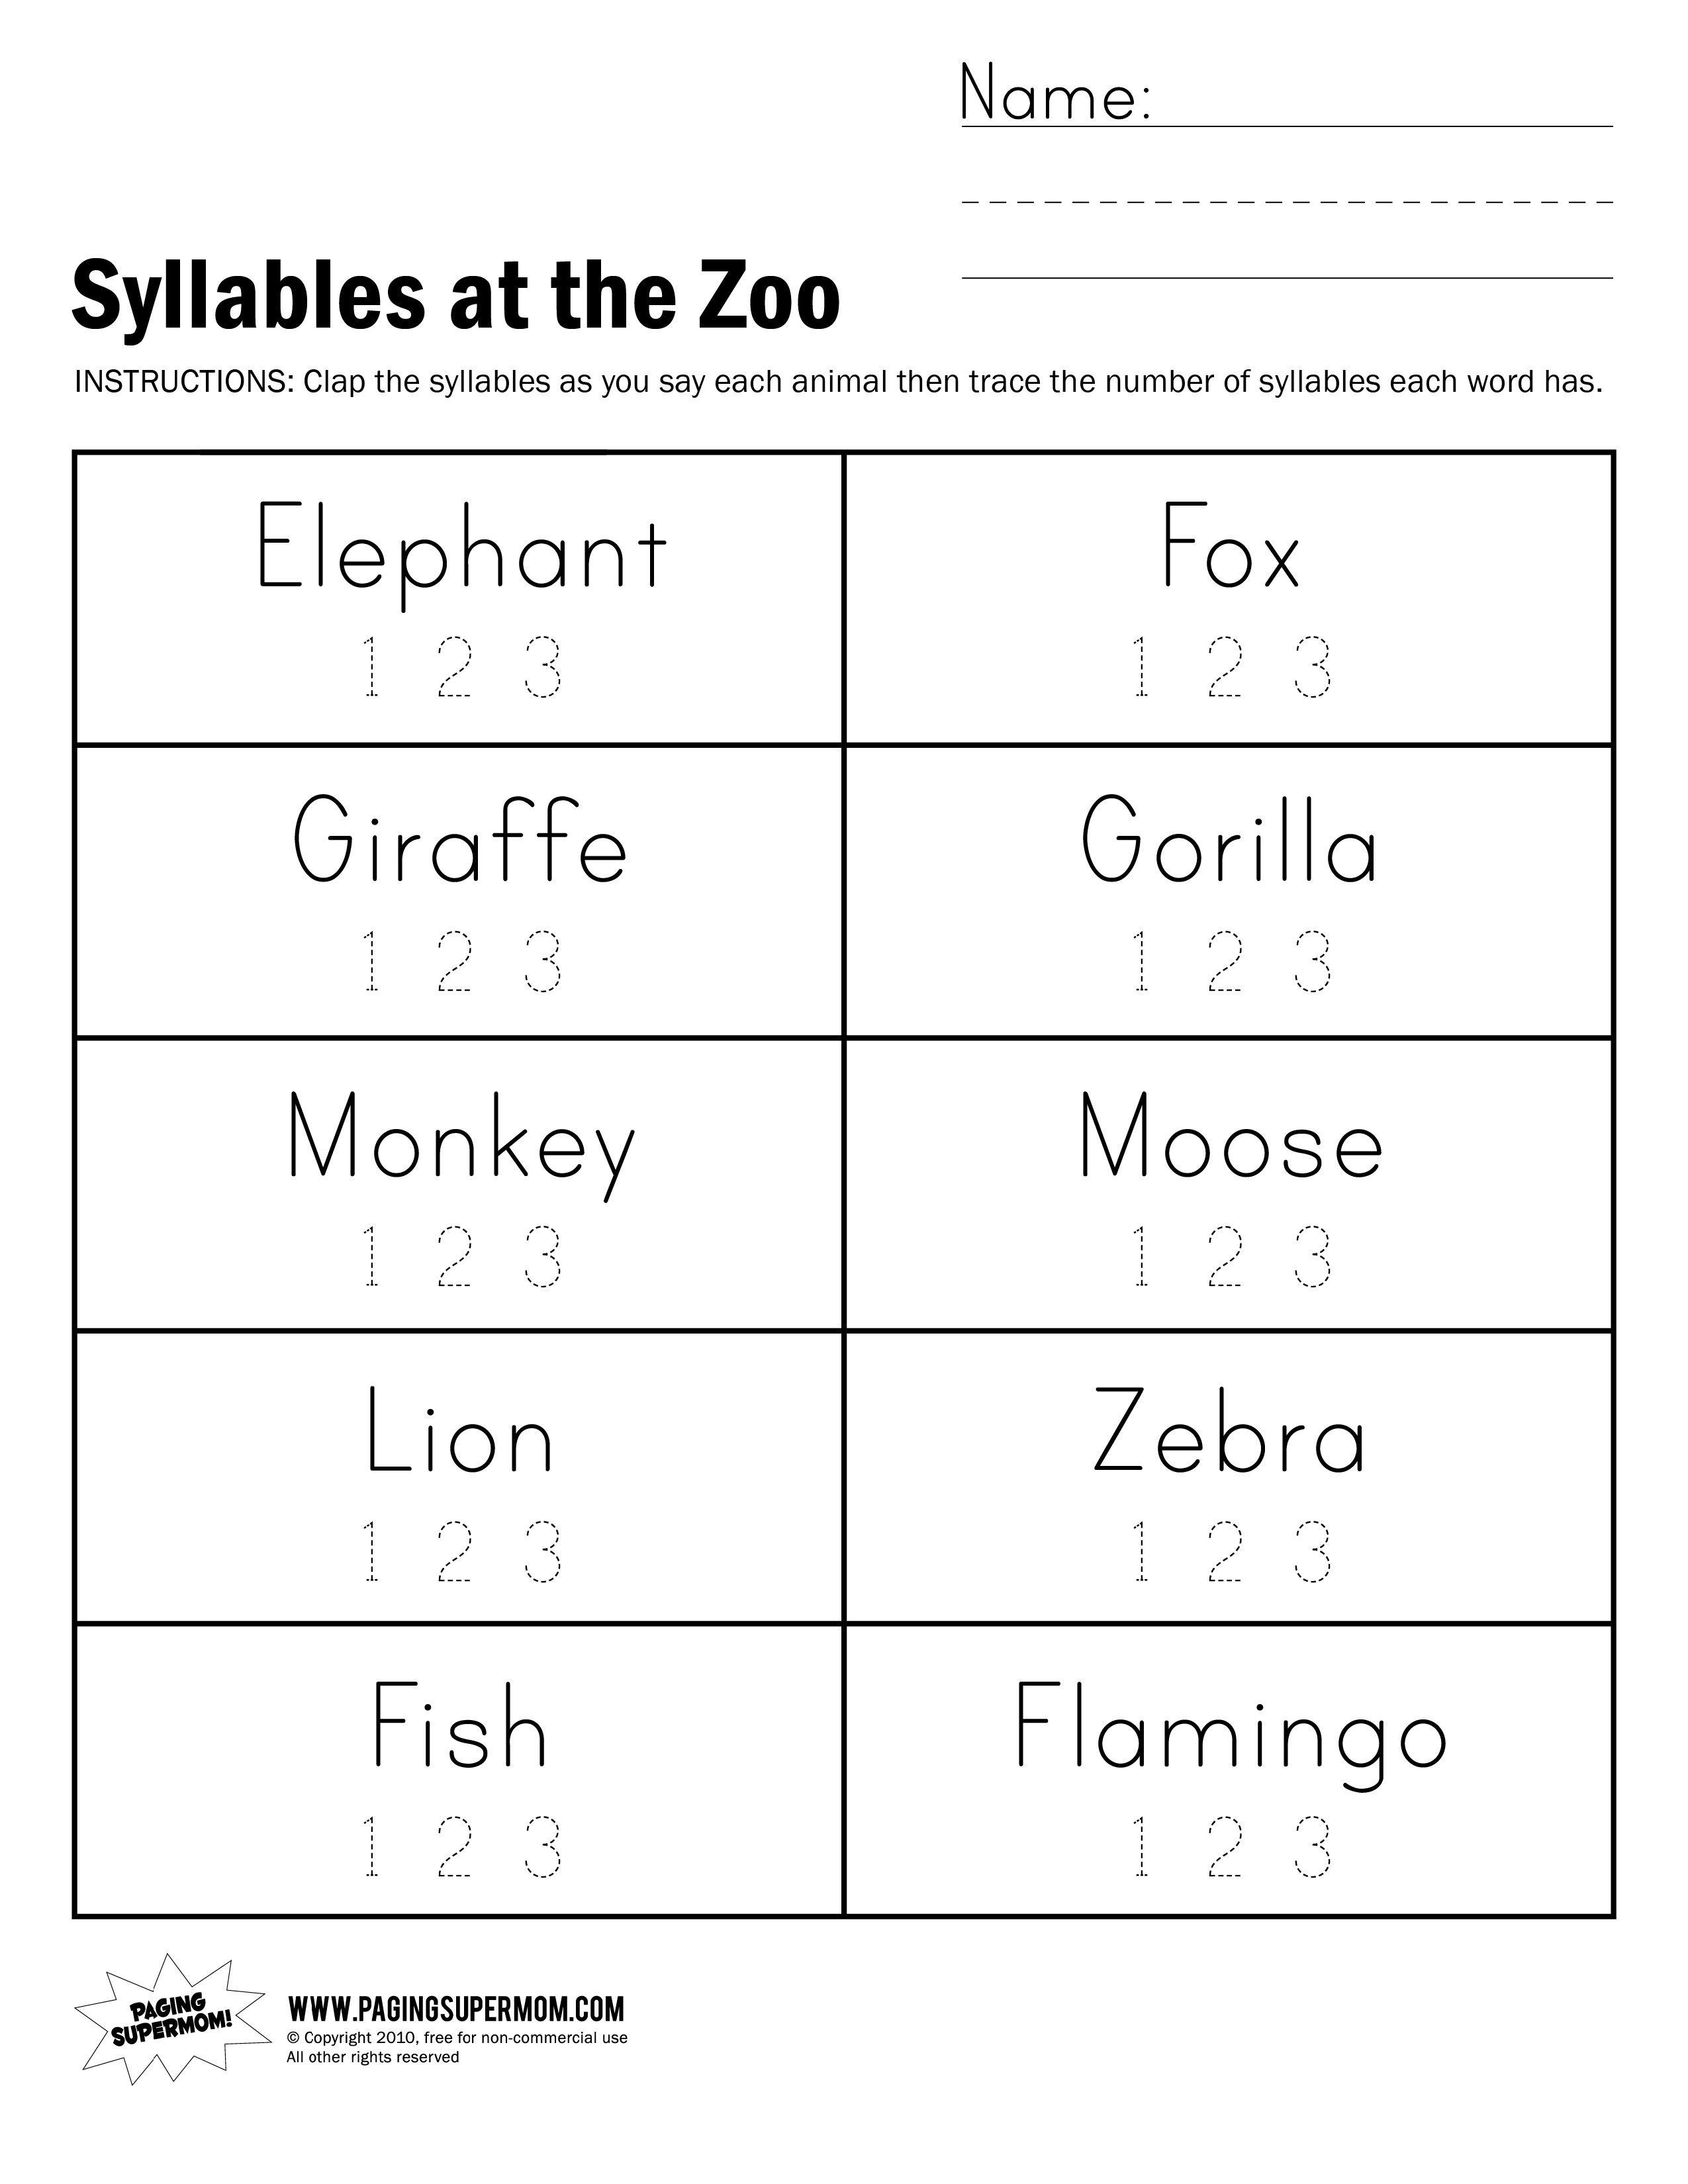 Fun Syllable Count Activity